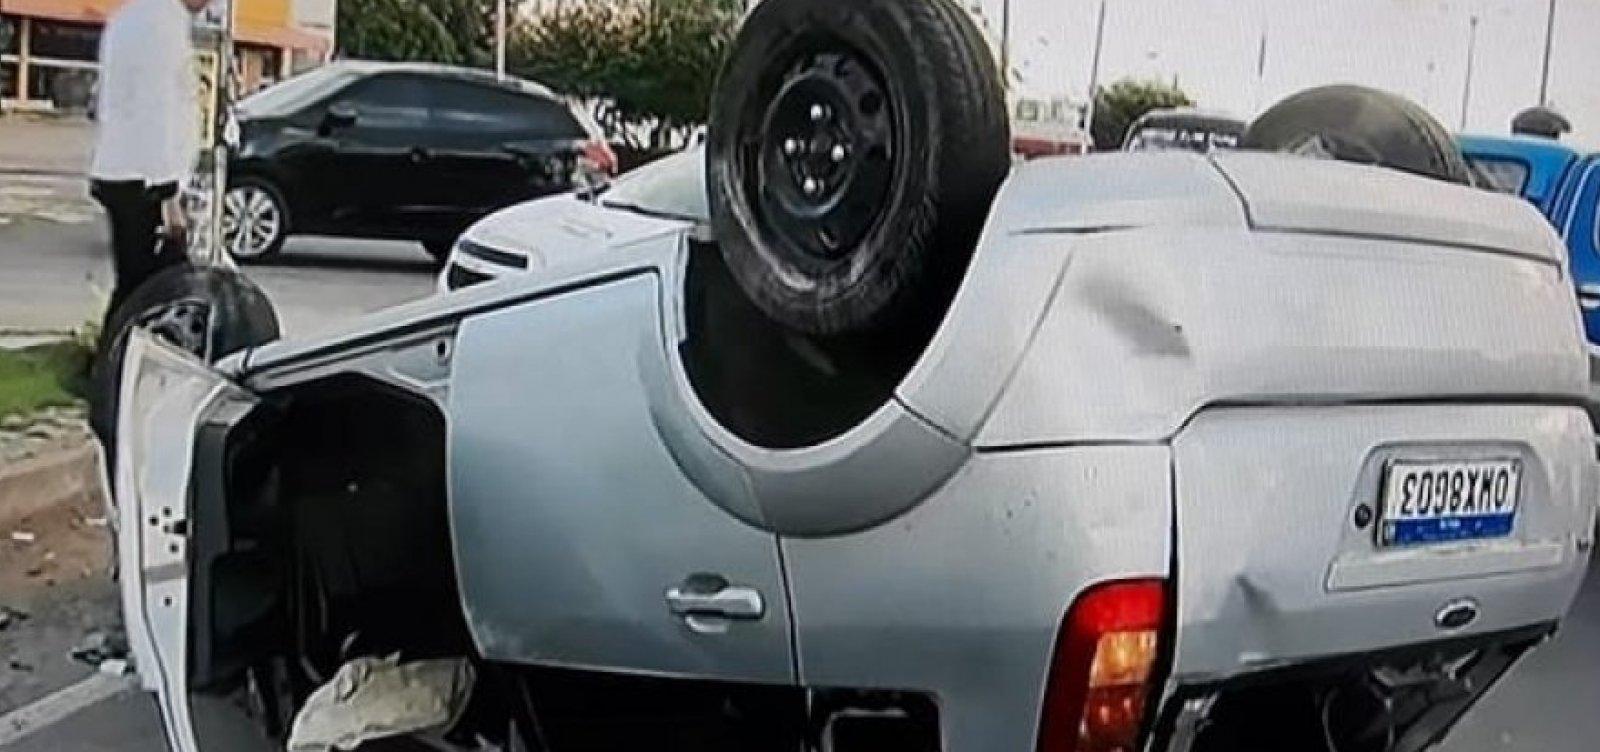 Homem morre em capotamento de carro na cidade de Lauro de Freitas